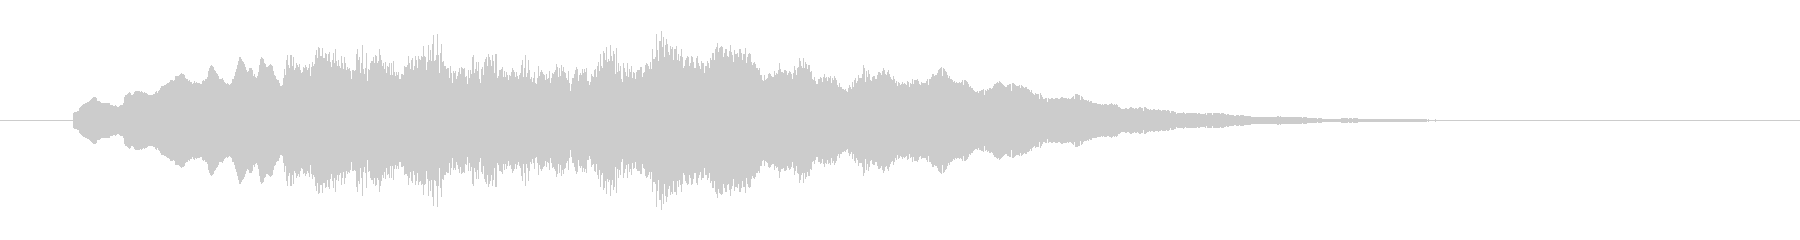 エレクトリックピアノのサウンドロゴの未再生の波形